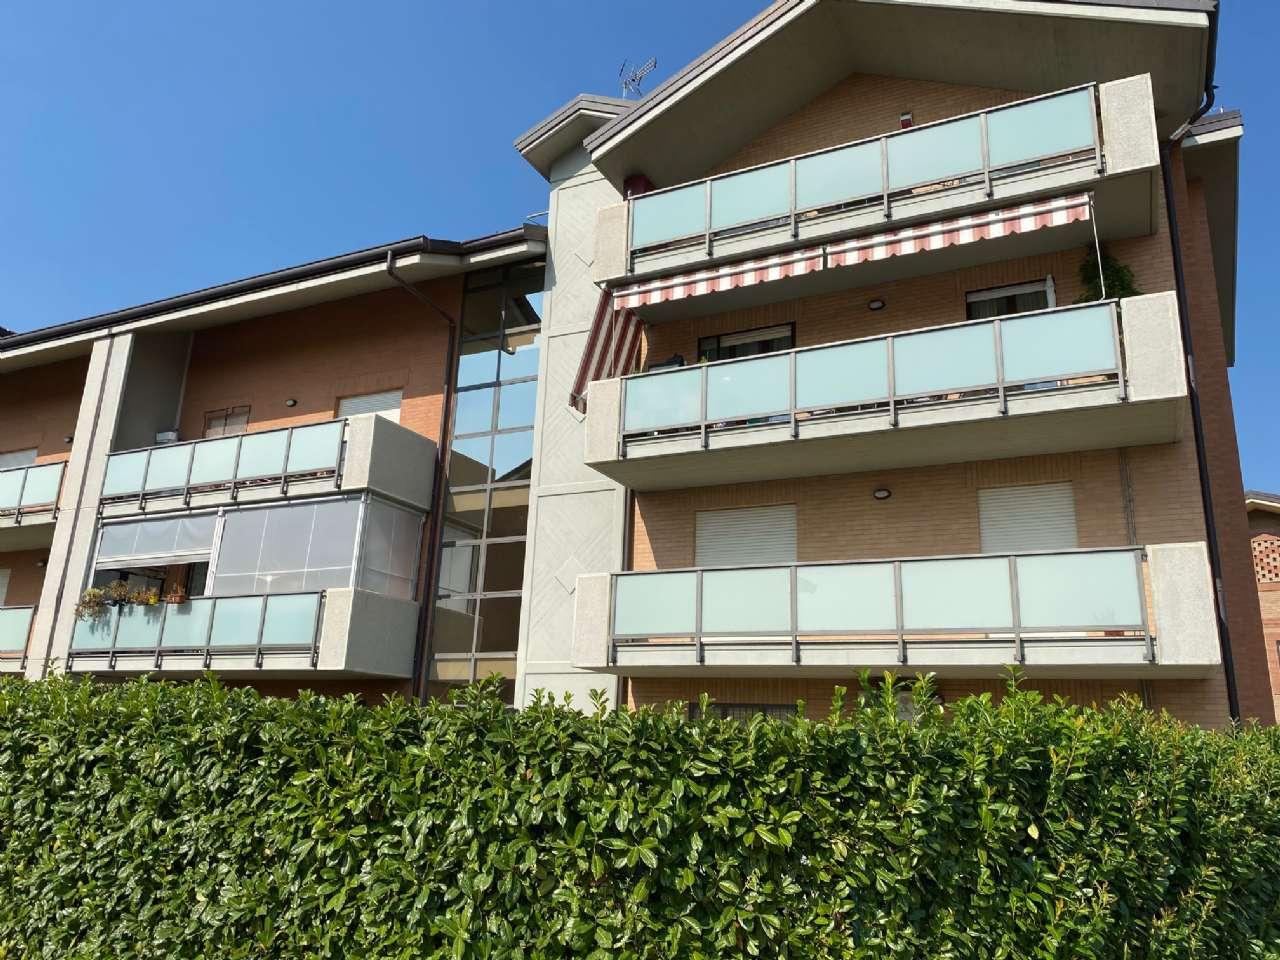 Appartamento in vendita a Orbassano, 5 locali, prezzo € 255.000 | PortaleAgenzieImmobiliari.it